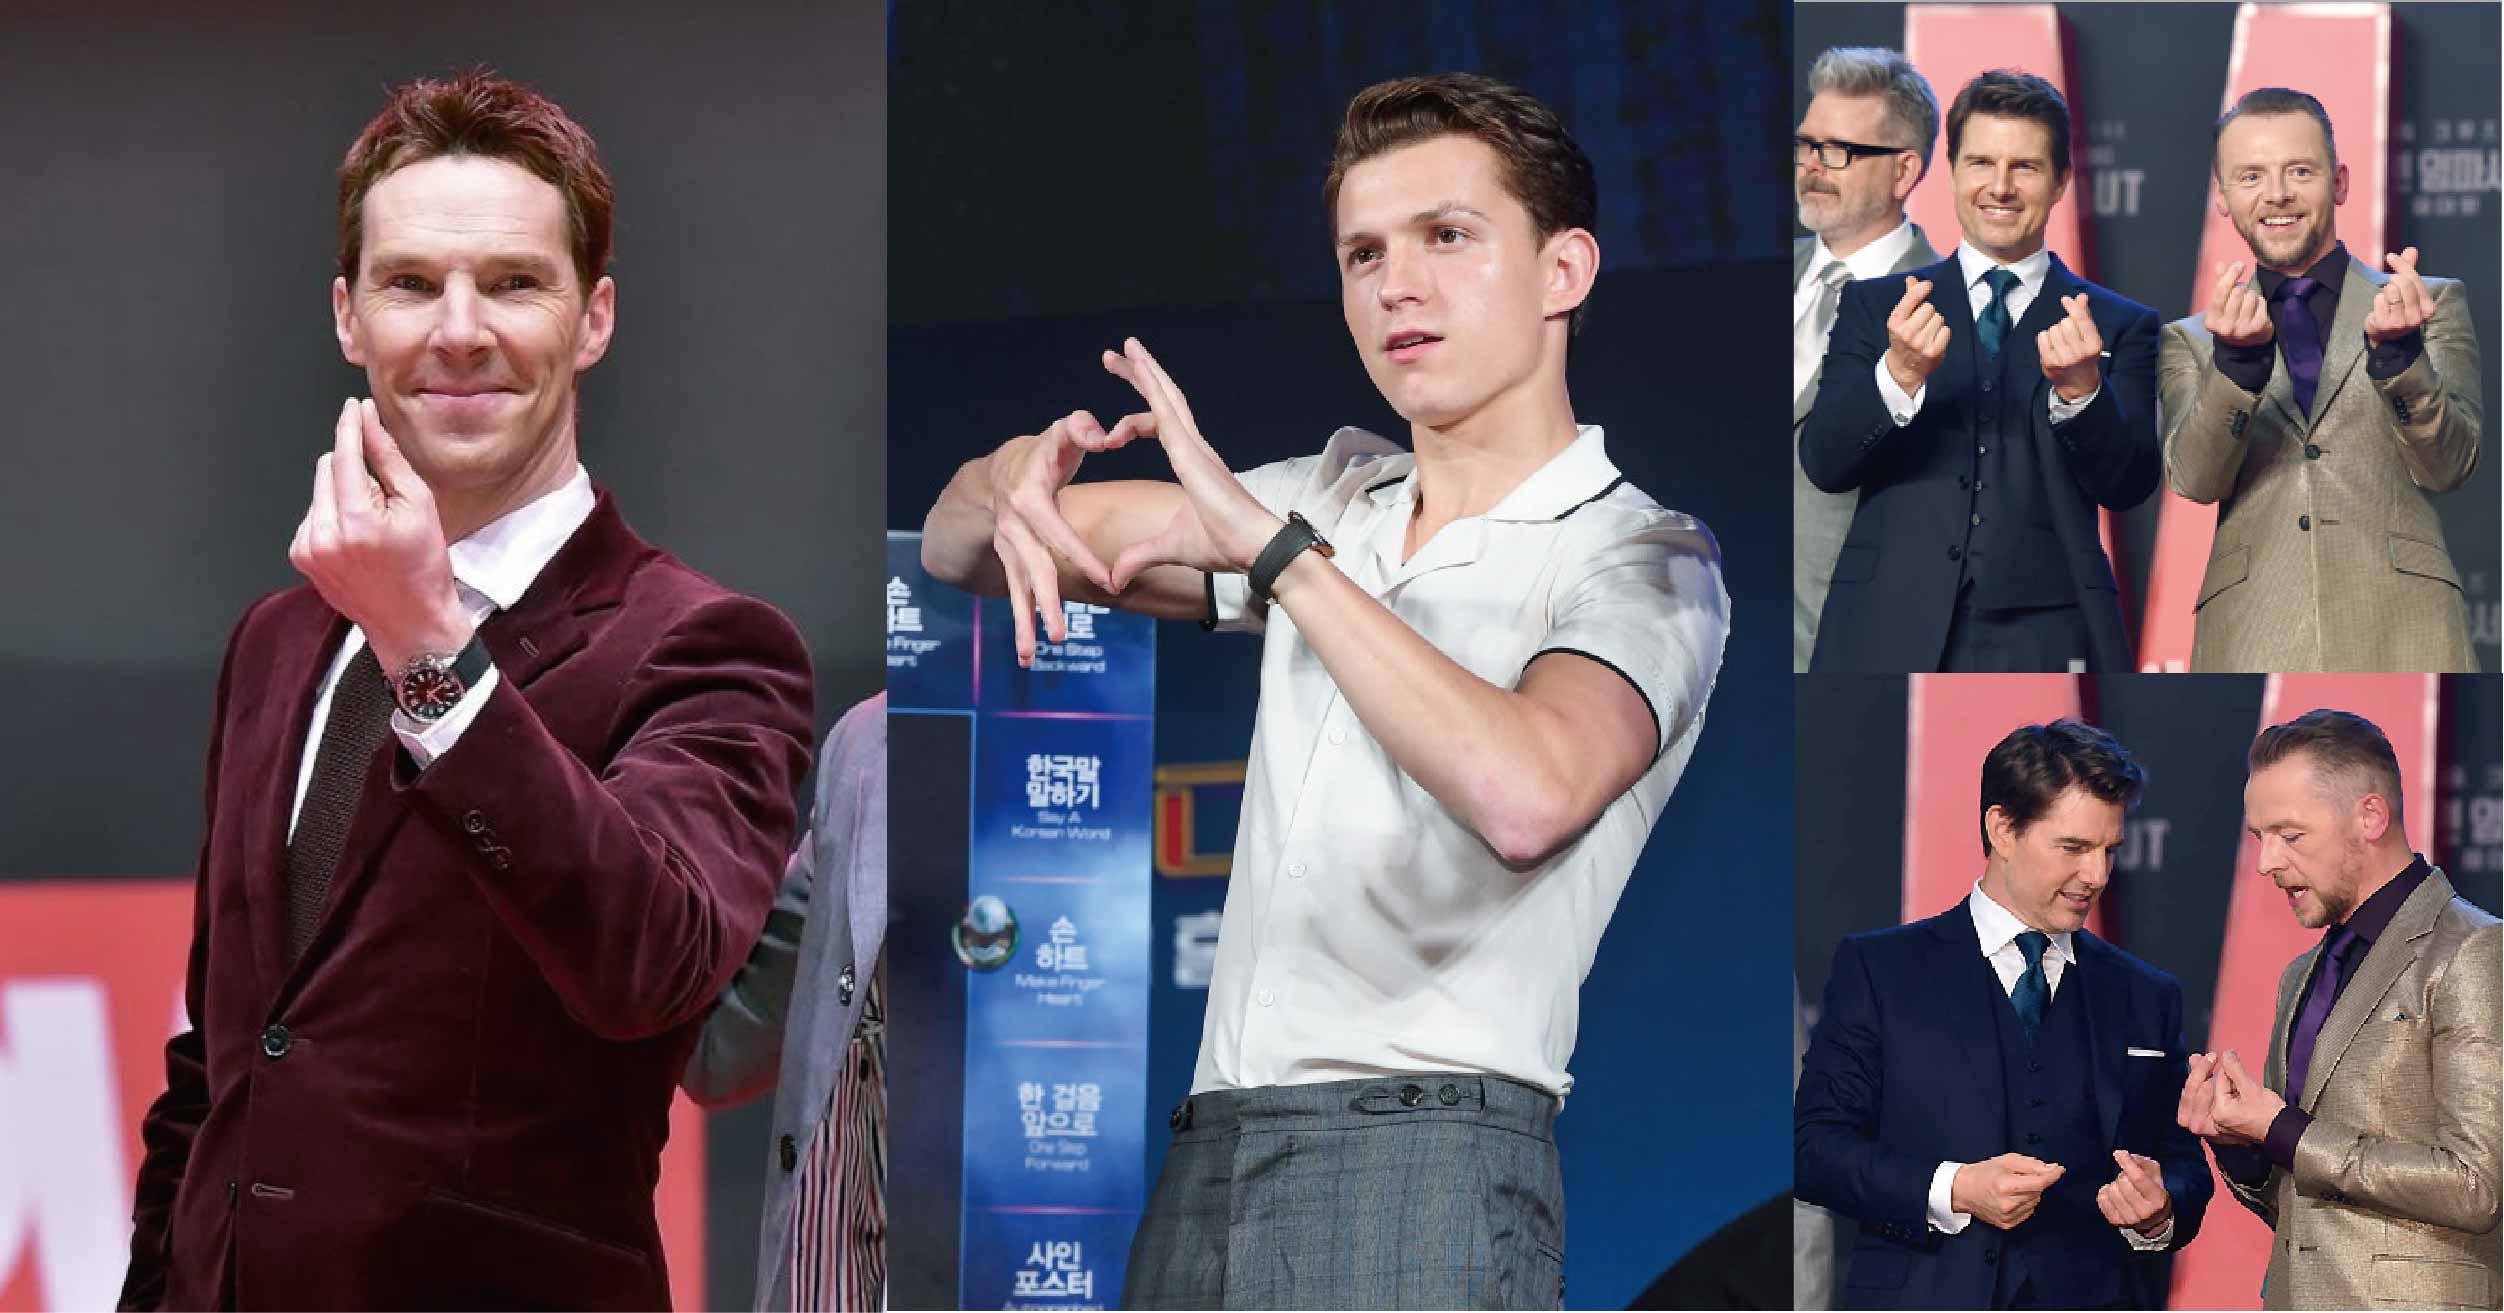 好萊塢明星都有「手指愛心障礙」?到韓國宣傳入境隨俗最後都崩壞啦